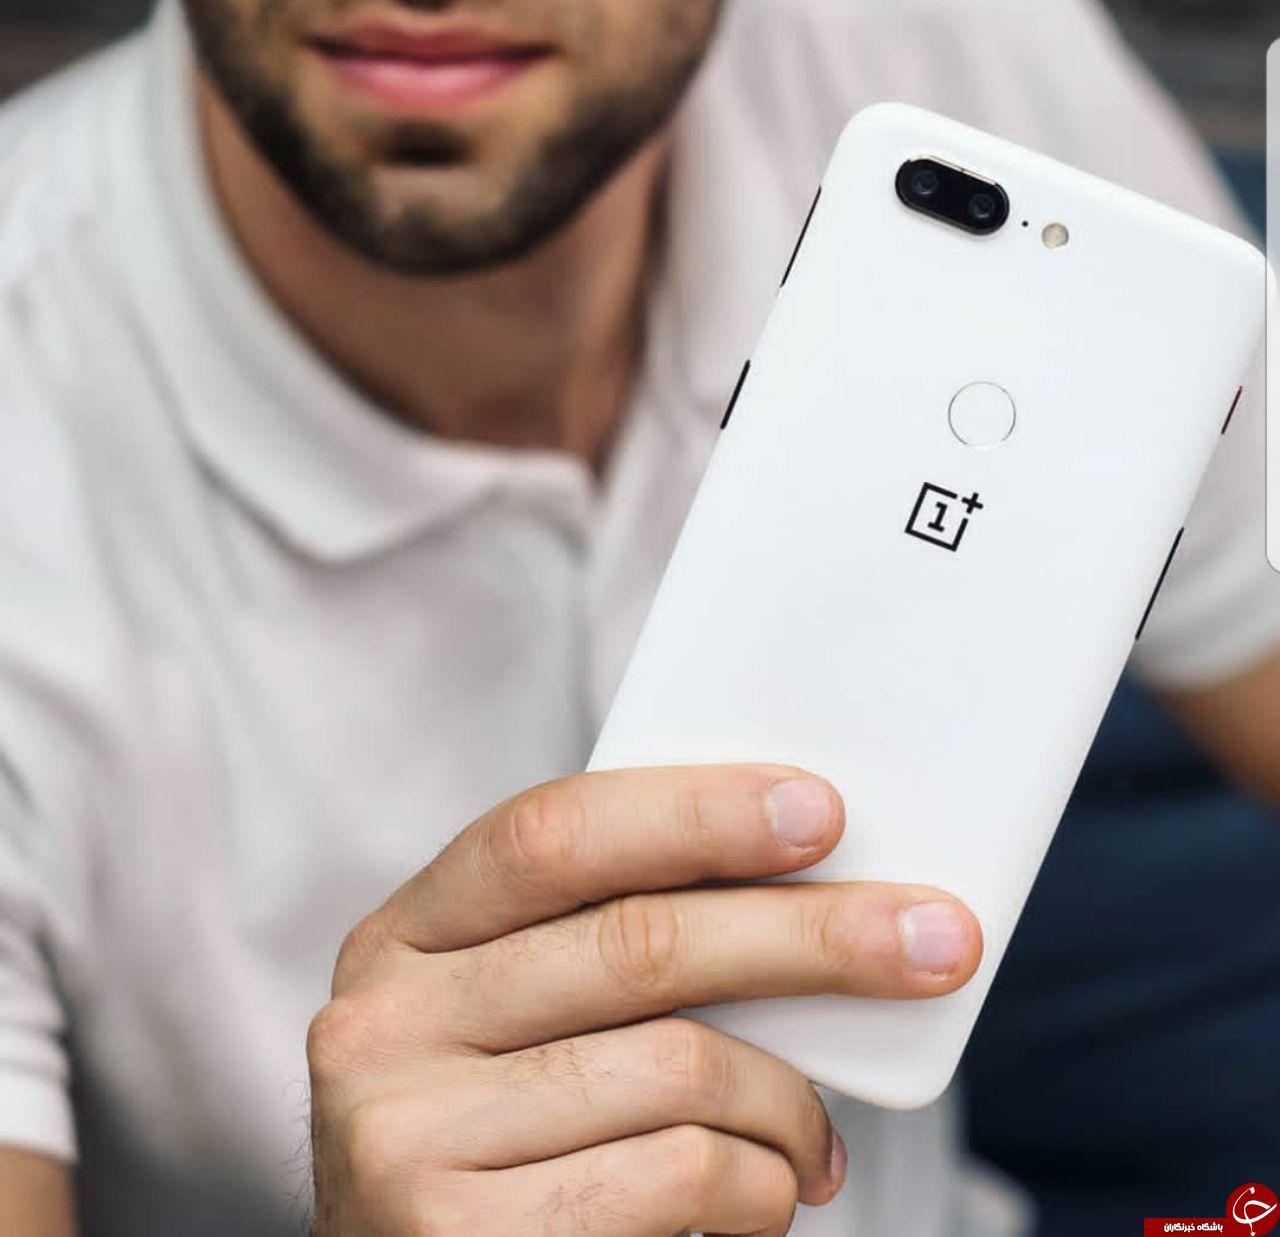 نسخه سفید رنگ OnePlus 5T زیباترین نسخه این گوشی + تصاویر